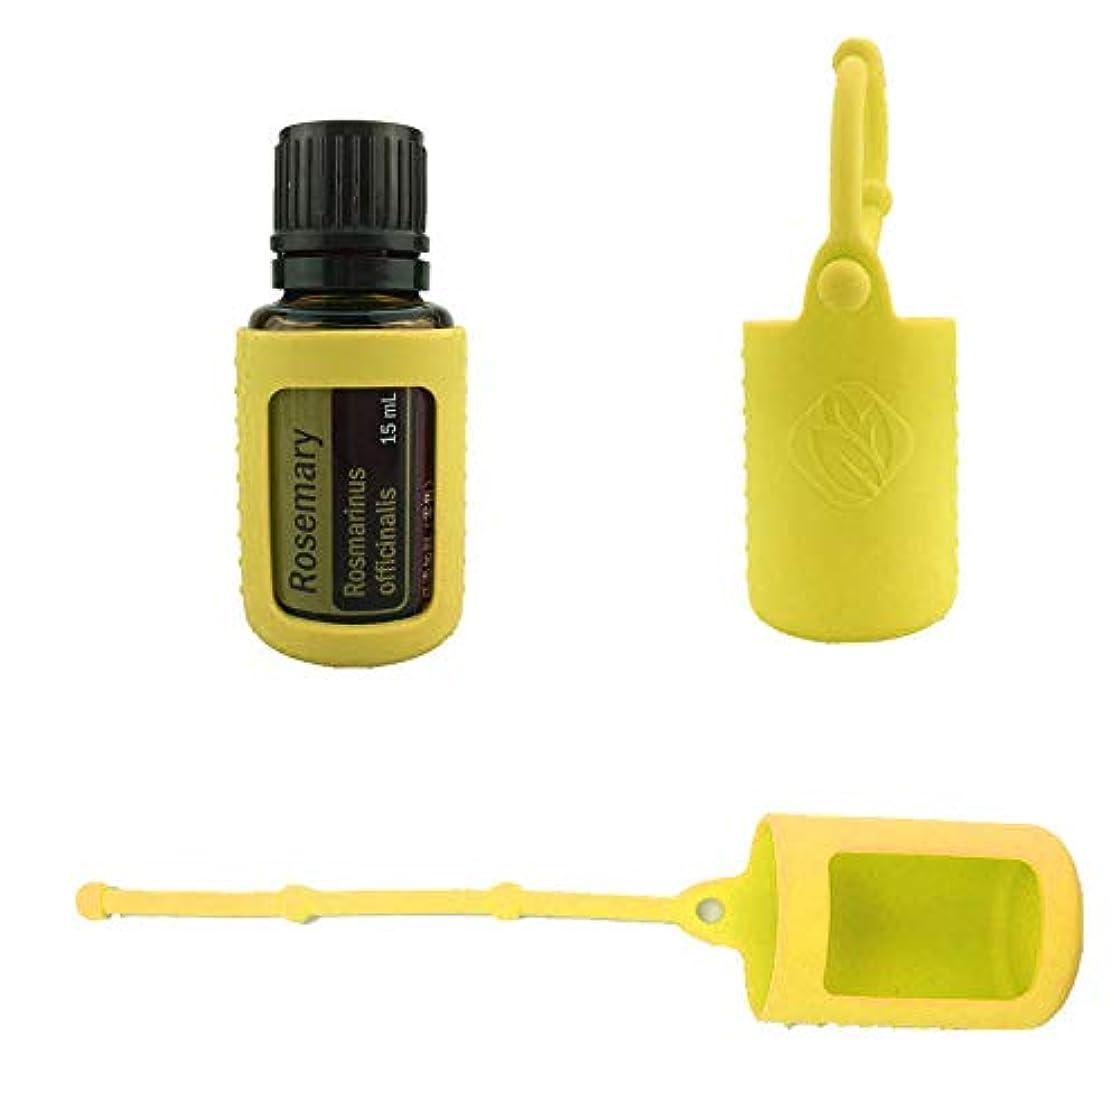 準備する通信する有用6パック熱望オイルボトルシリコンローラーボトルホルダースリーブエッセンシャルオイルボトル保護カバーケースハングロープ - イエロー - 6-pcs 10ml